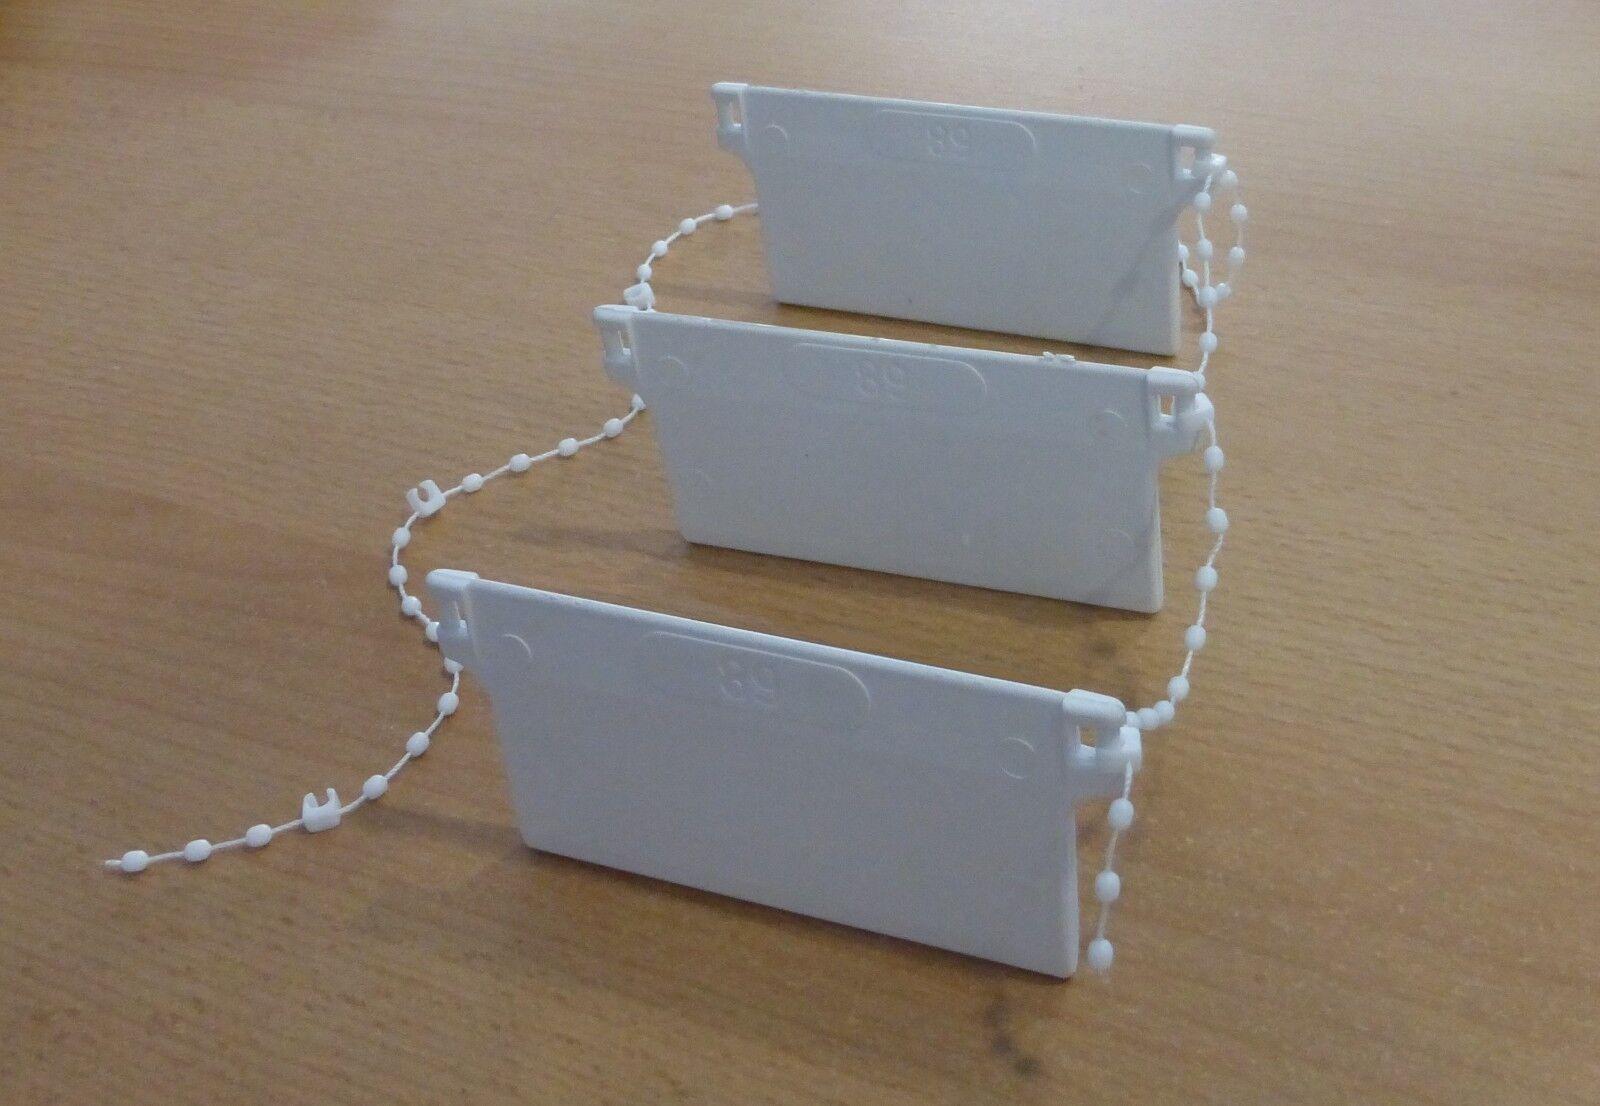 Beschwerungsplatte Gewicht für Lamellenvorhang Jalousie + Verbindungskette | Stil  Stil  Stil  5ef7a2